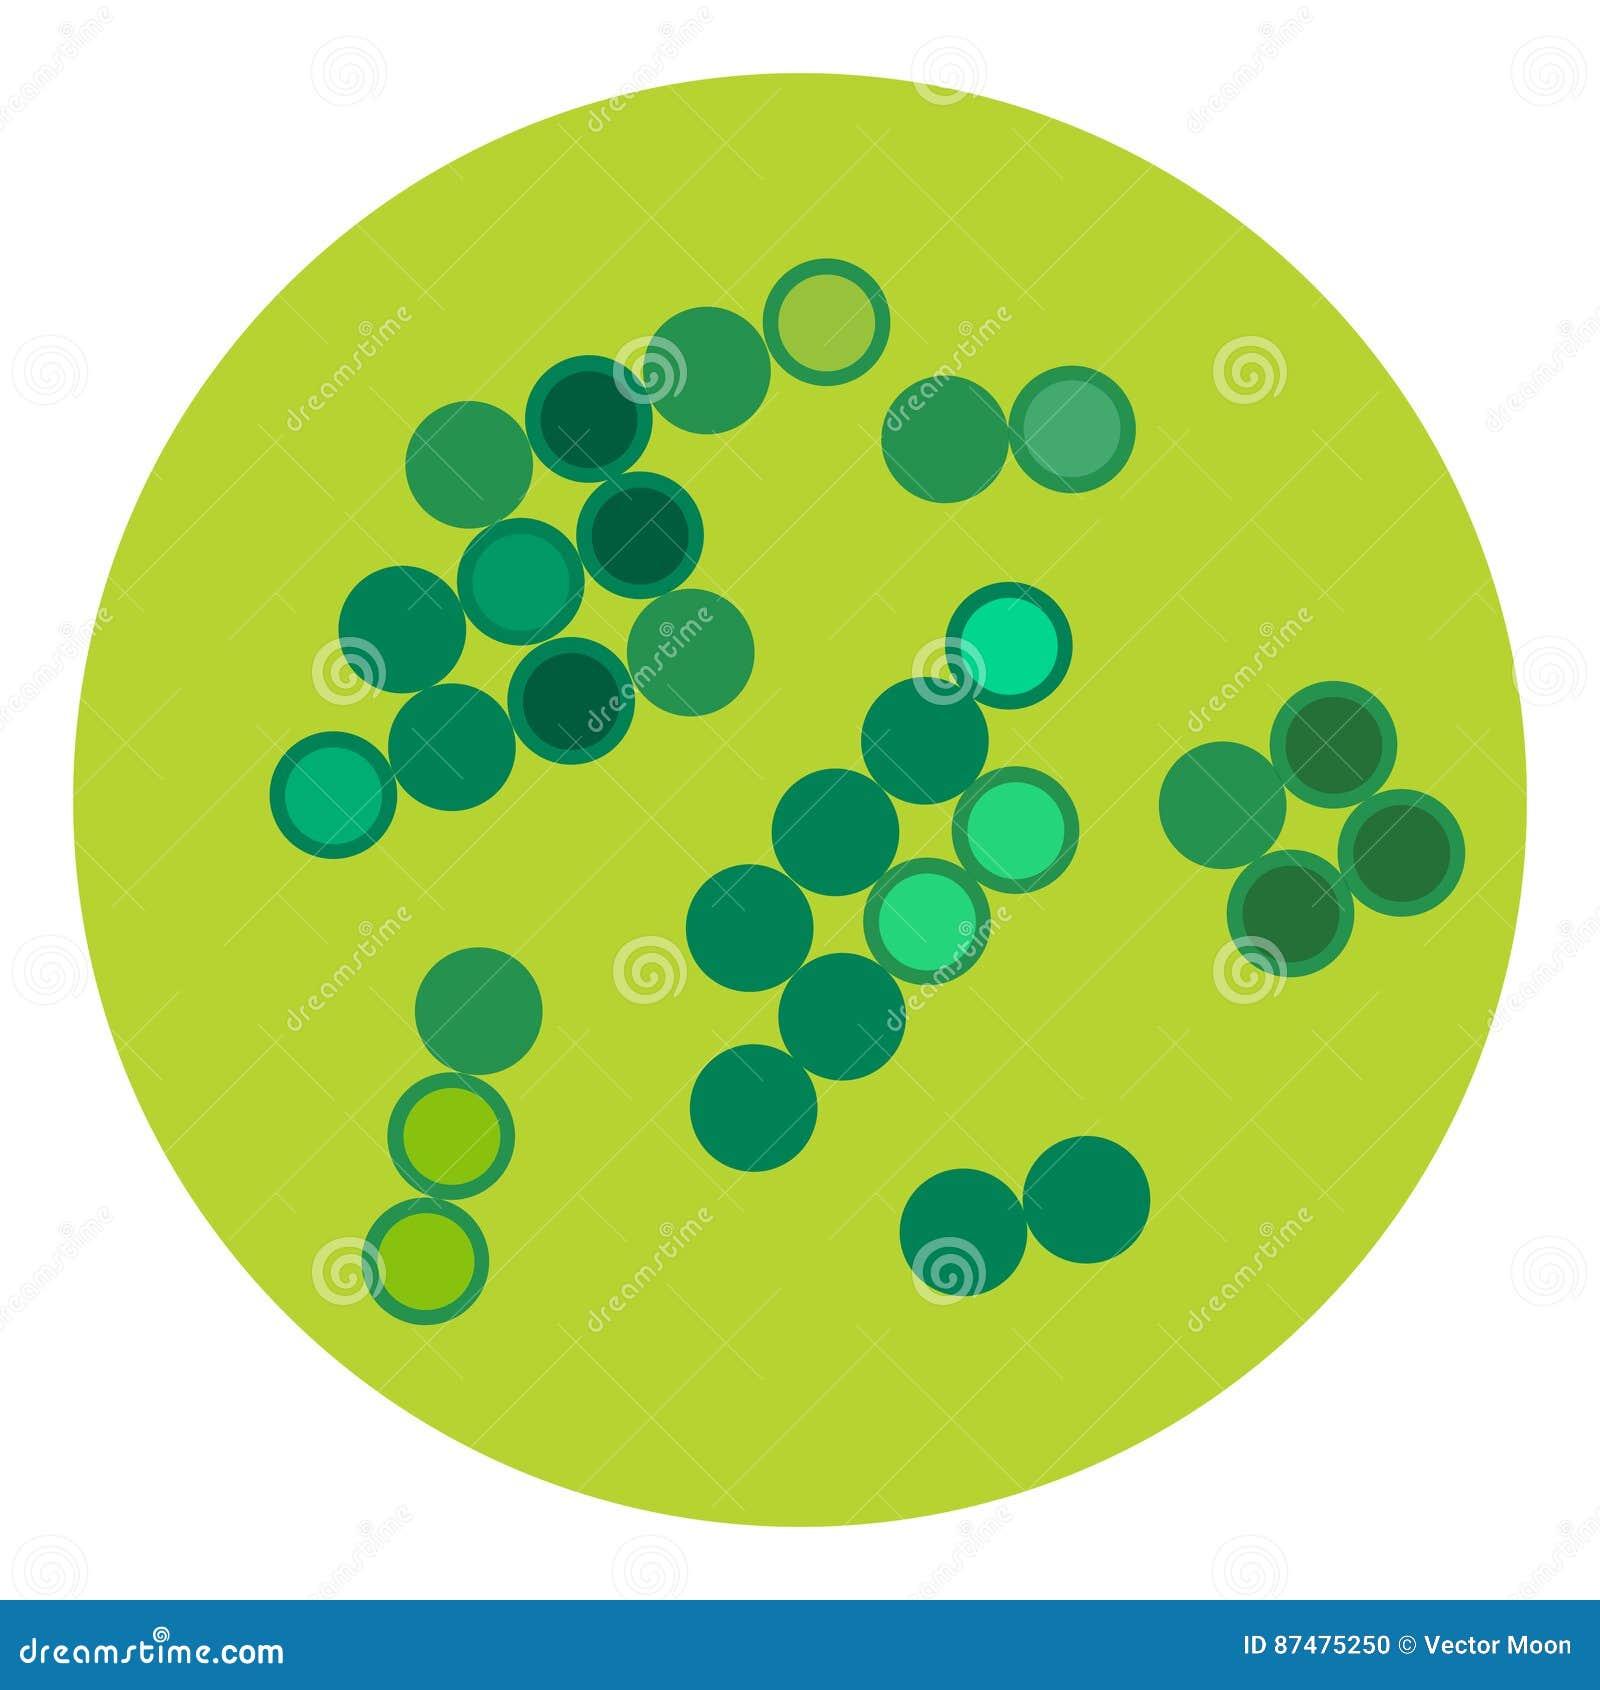 Организм микробиологии значка микробов вируса бактерий микроскопические изолированные человеческие и болезнь биологии инфекции ме